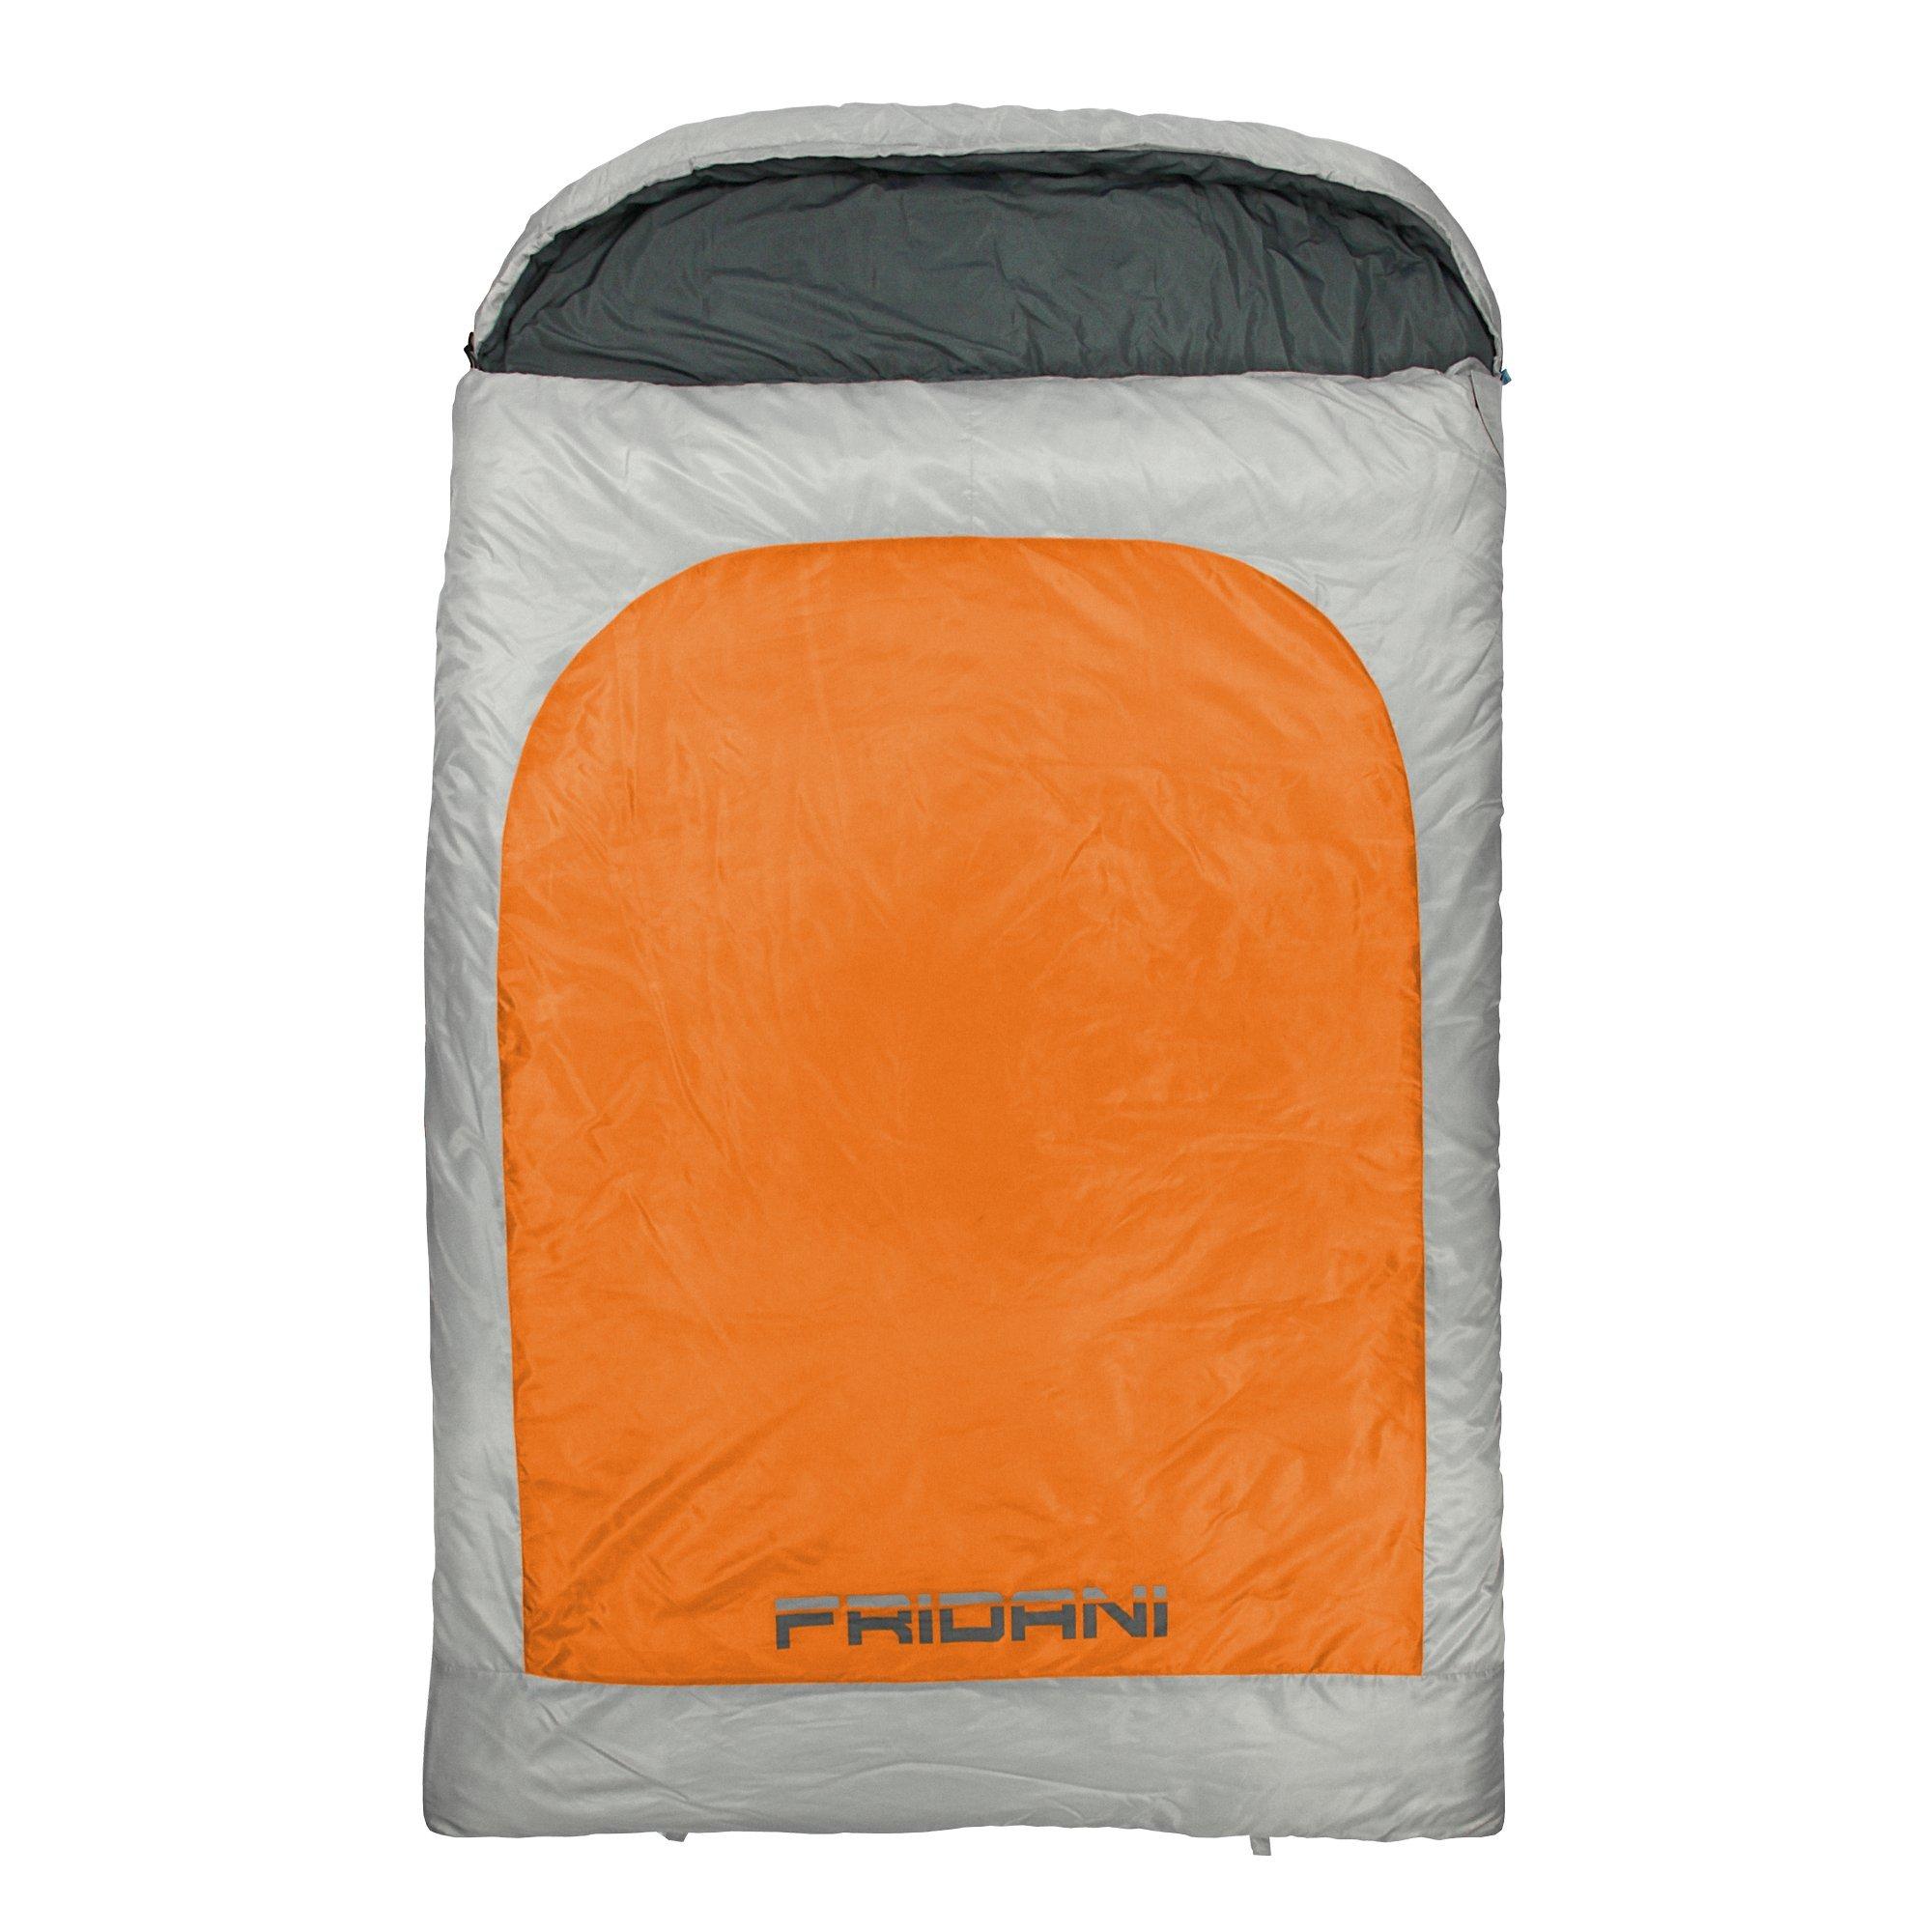 am billigsten bester Lieferant absolut stilvoll Fridani 2 Mann Schlafsack BB 235x150 XXL Deckenschlafsack Orange -22°C warm  wasserabweisend waschbar - Radau Pigiau